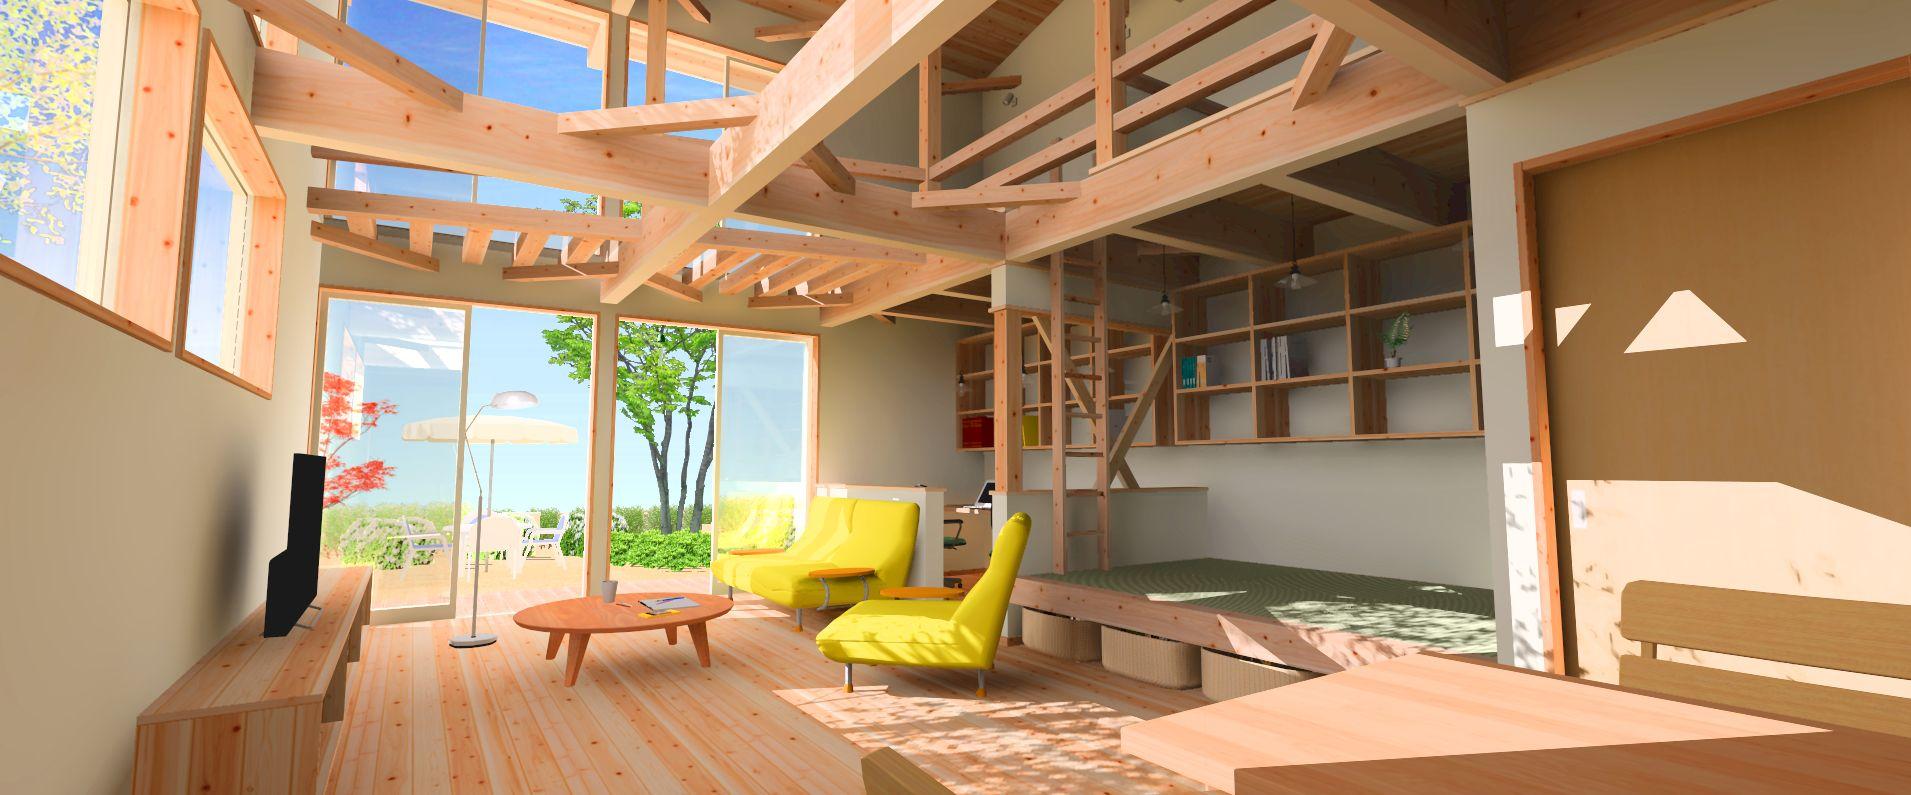 木組の楽しい気な空間、生活、暮らし、、、